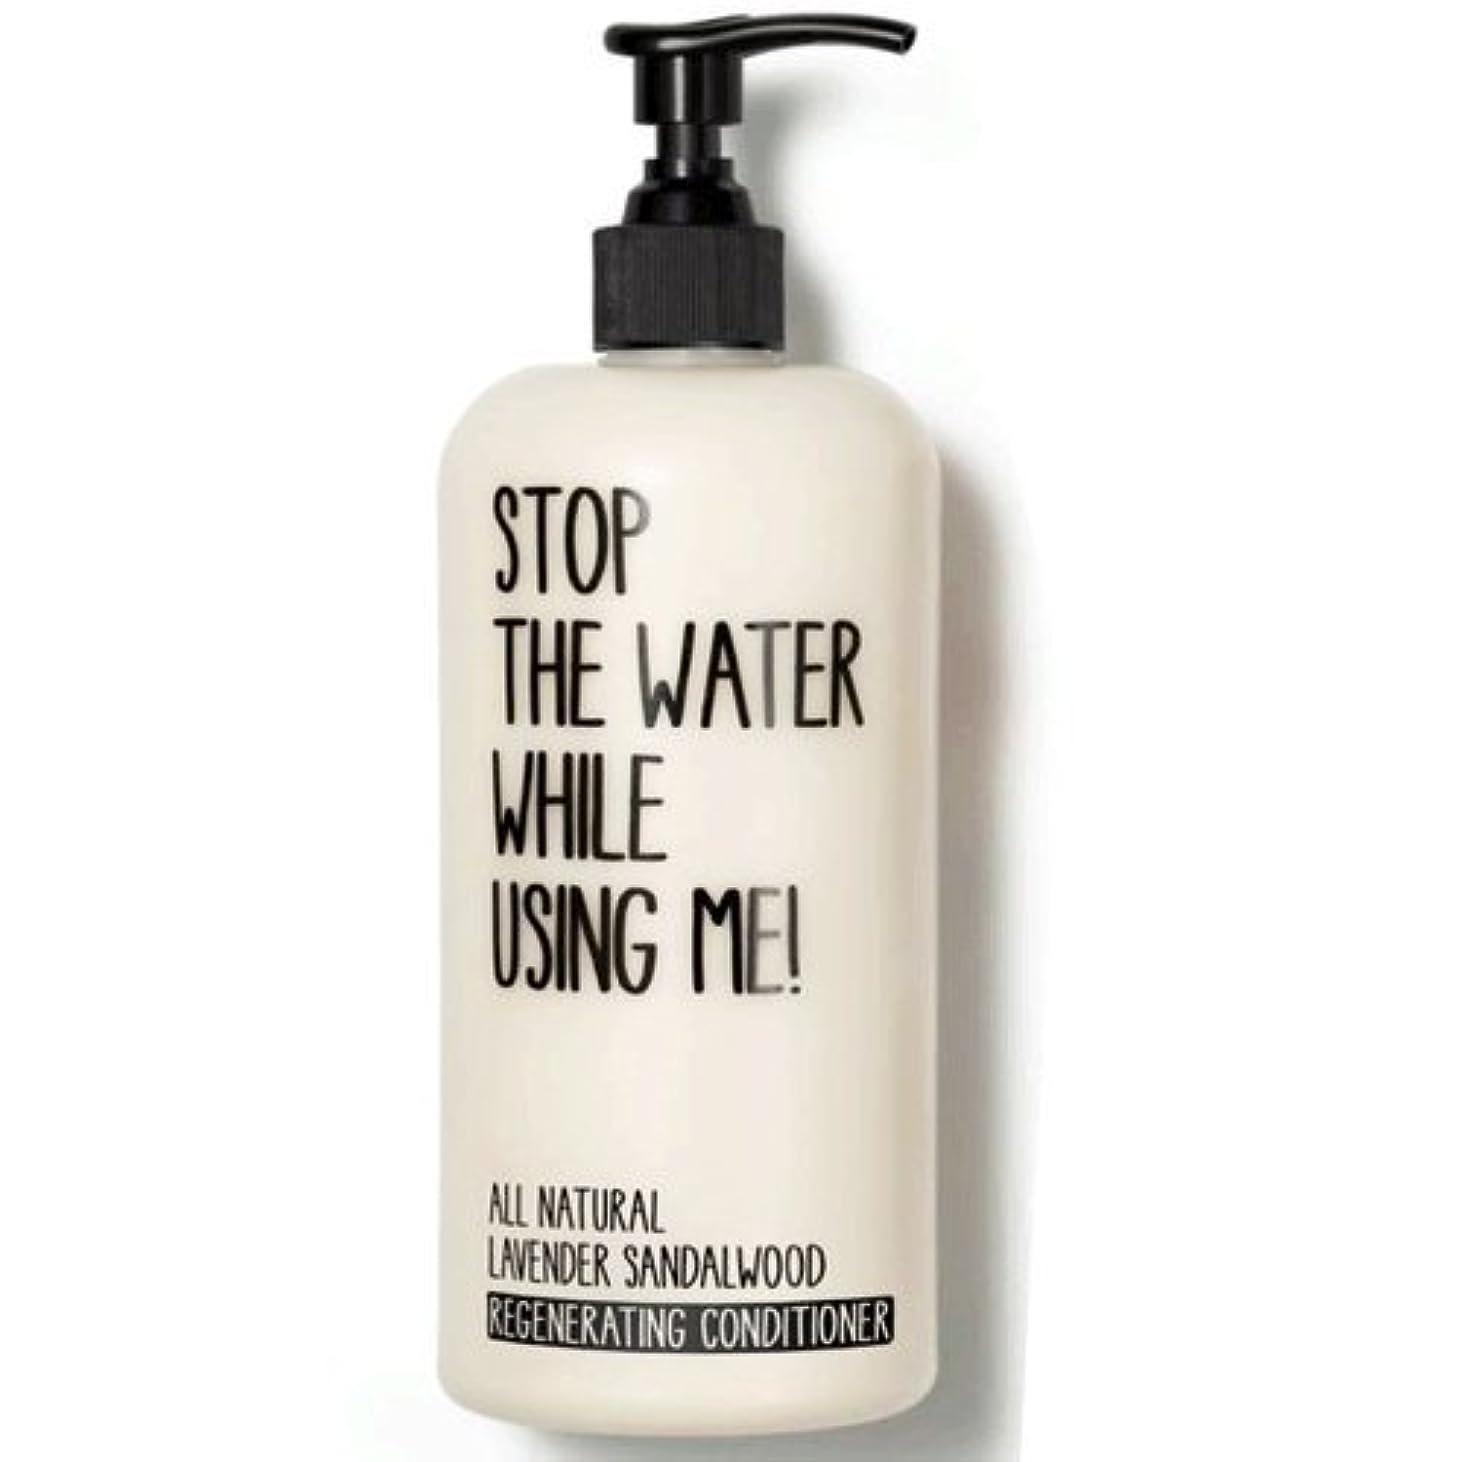 哲学博士幸運なことにバンク【STOP THE WATER WHILE USING ME!】L&Sコンディショナー (ラベンダー&サンダルウッド) 500ml [並行輸入品]